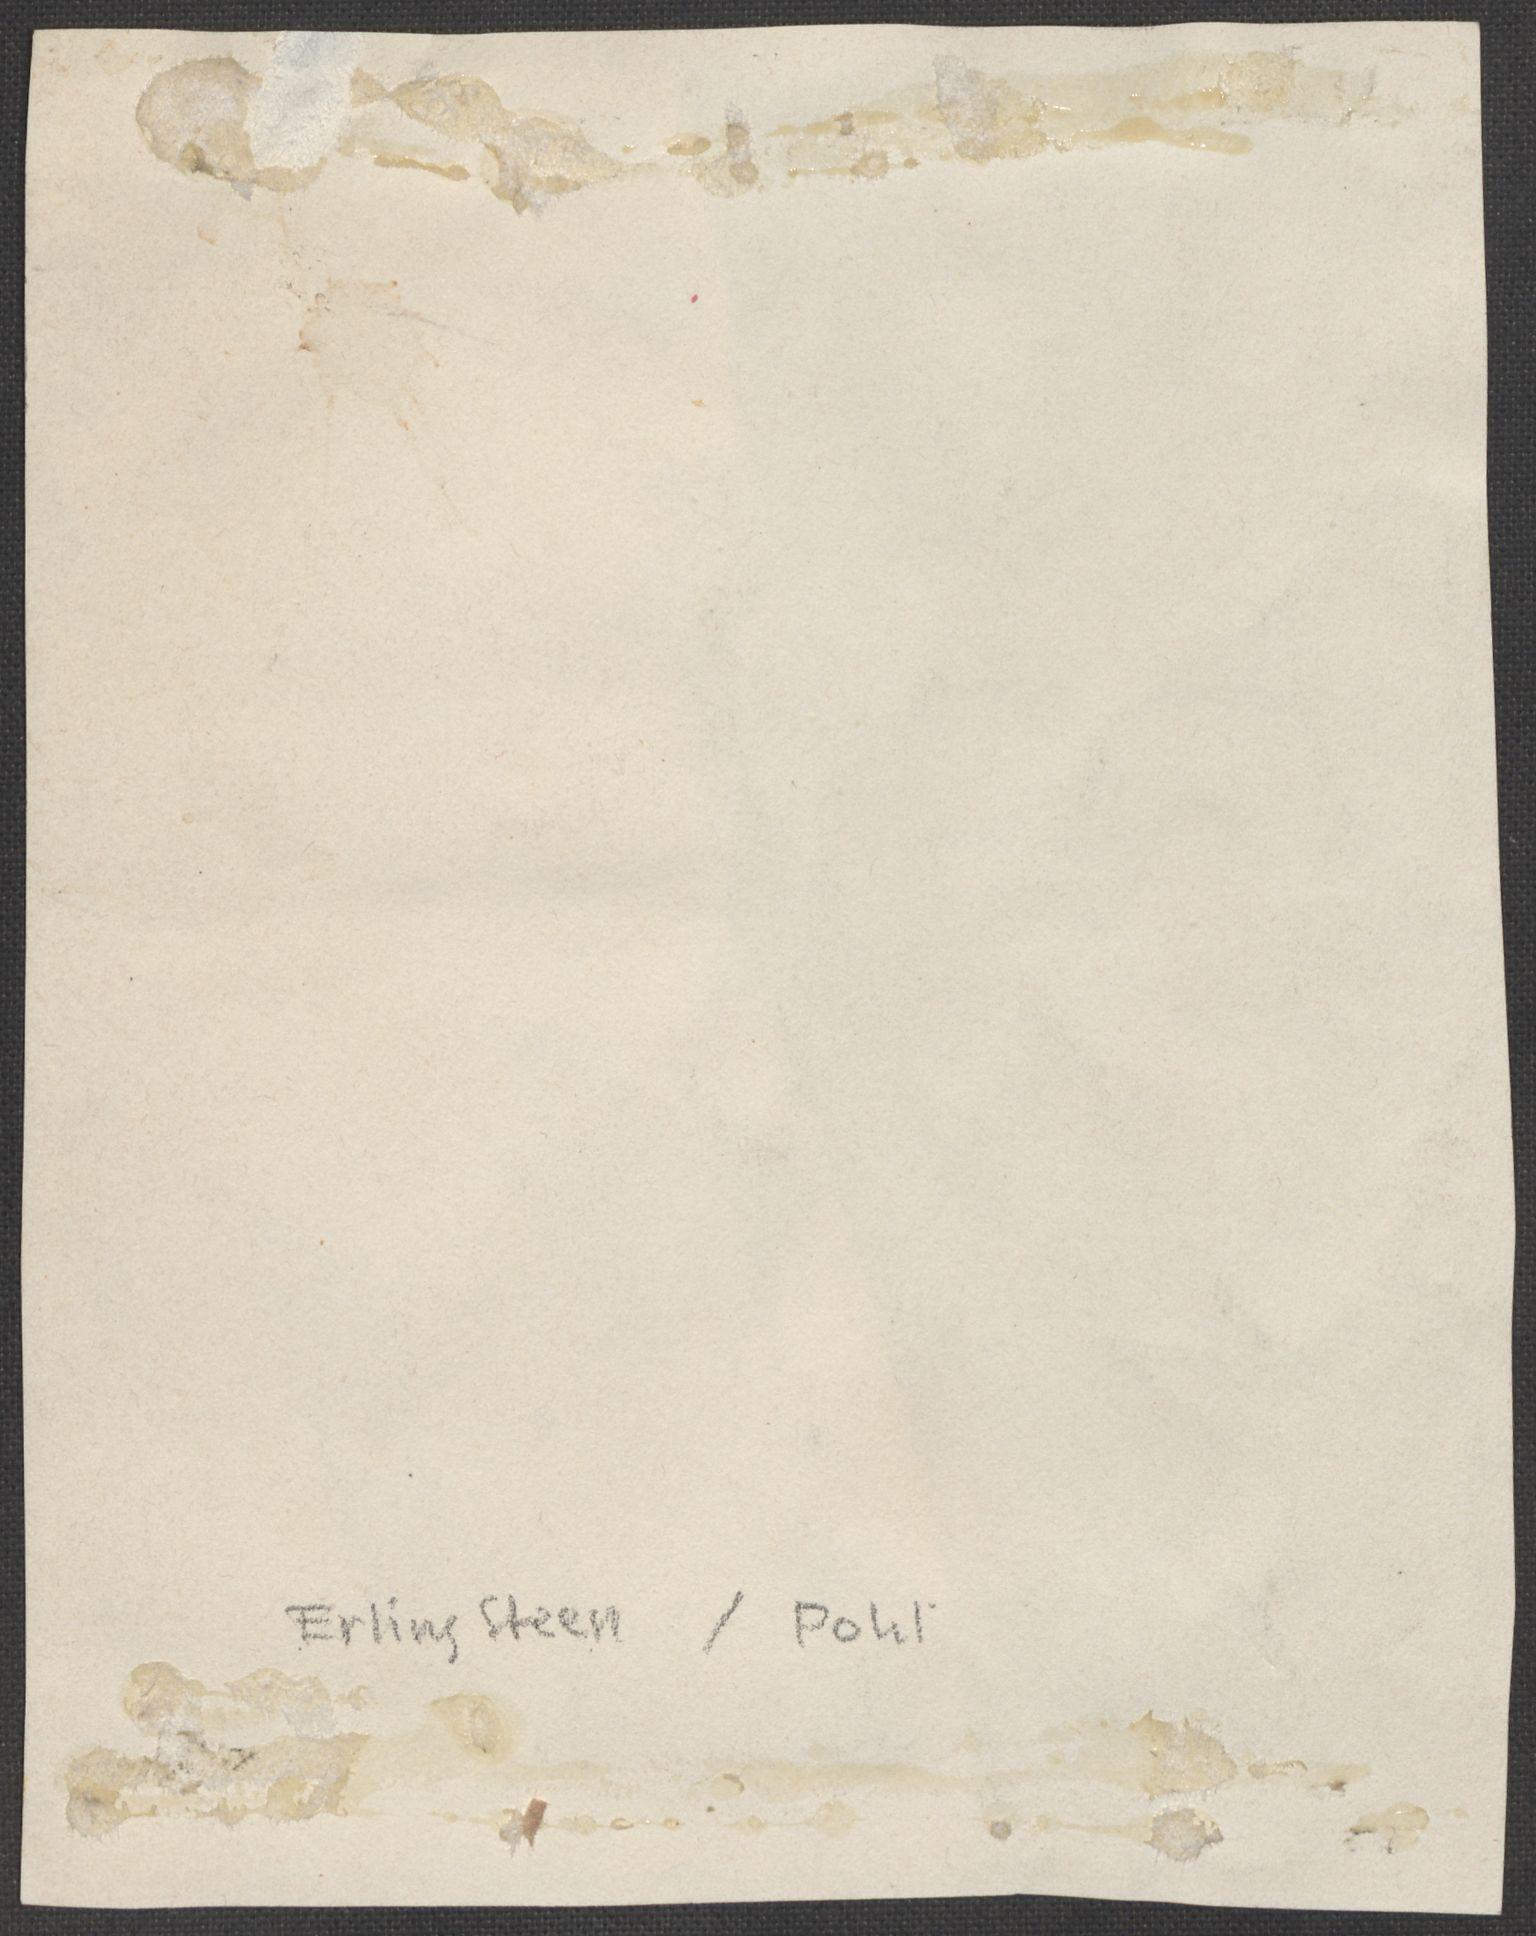 RA, Grøgaard, Joachim, F/L0002: Tegninger og tekster, 1942-1945, s. 75